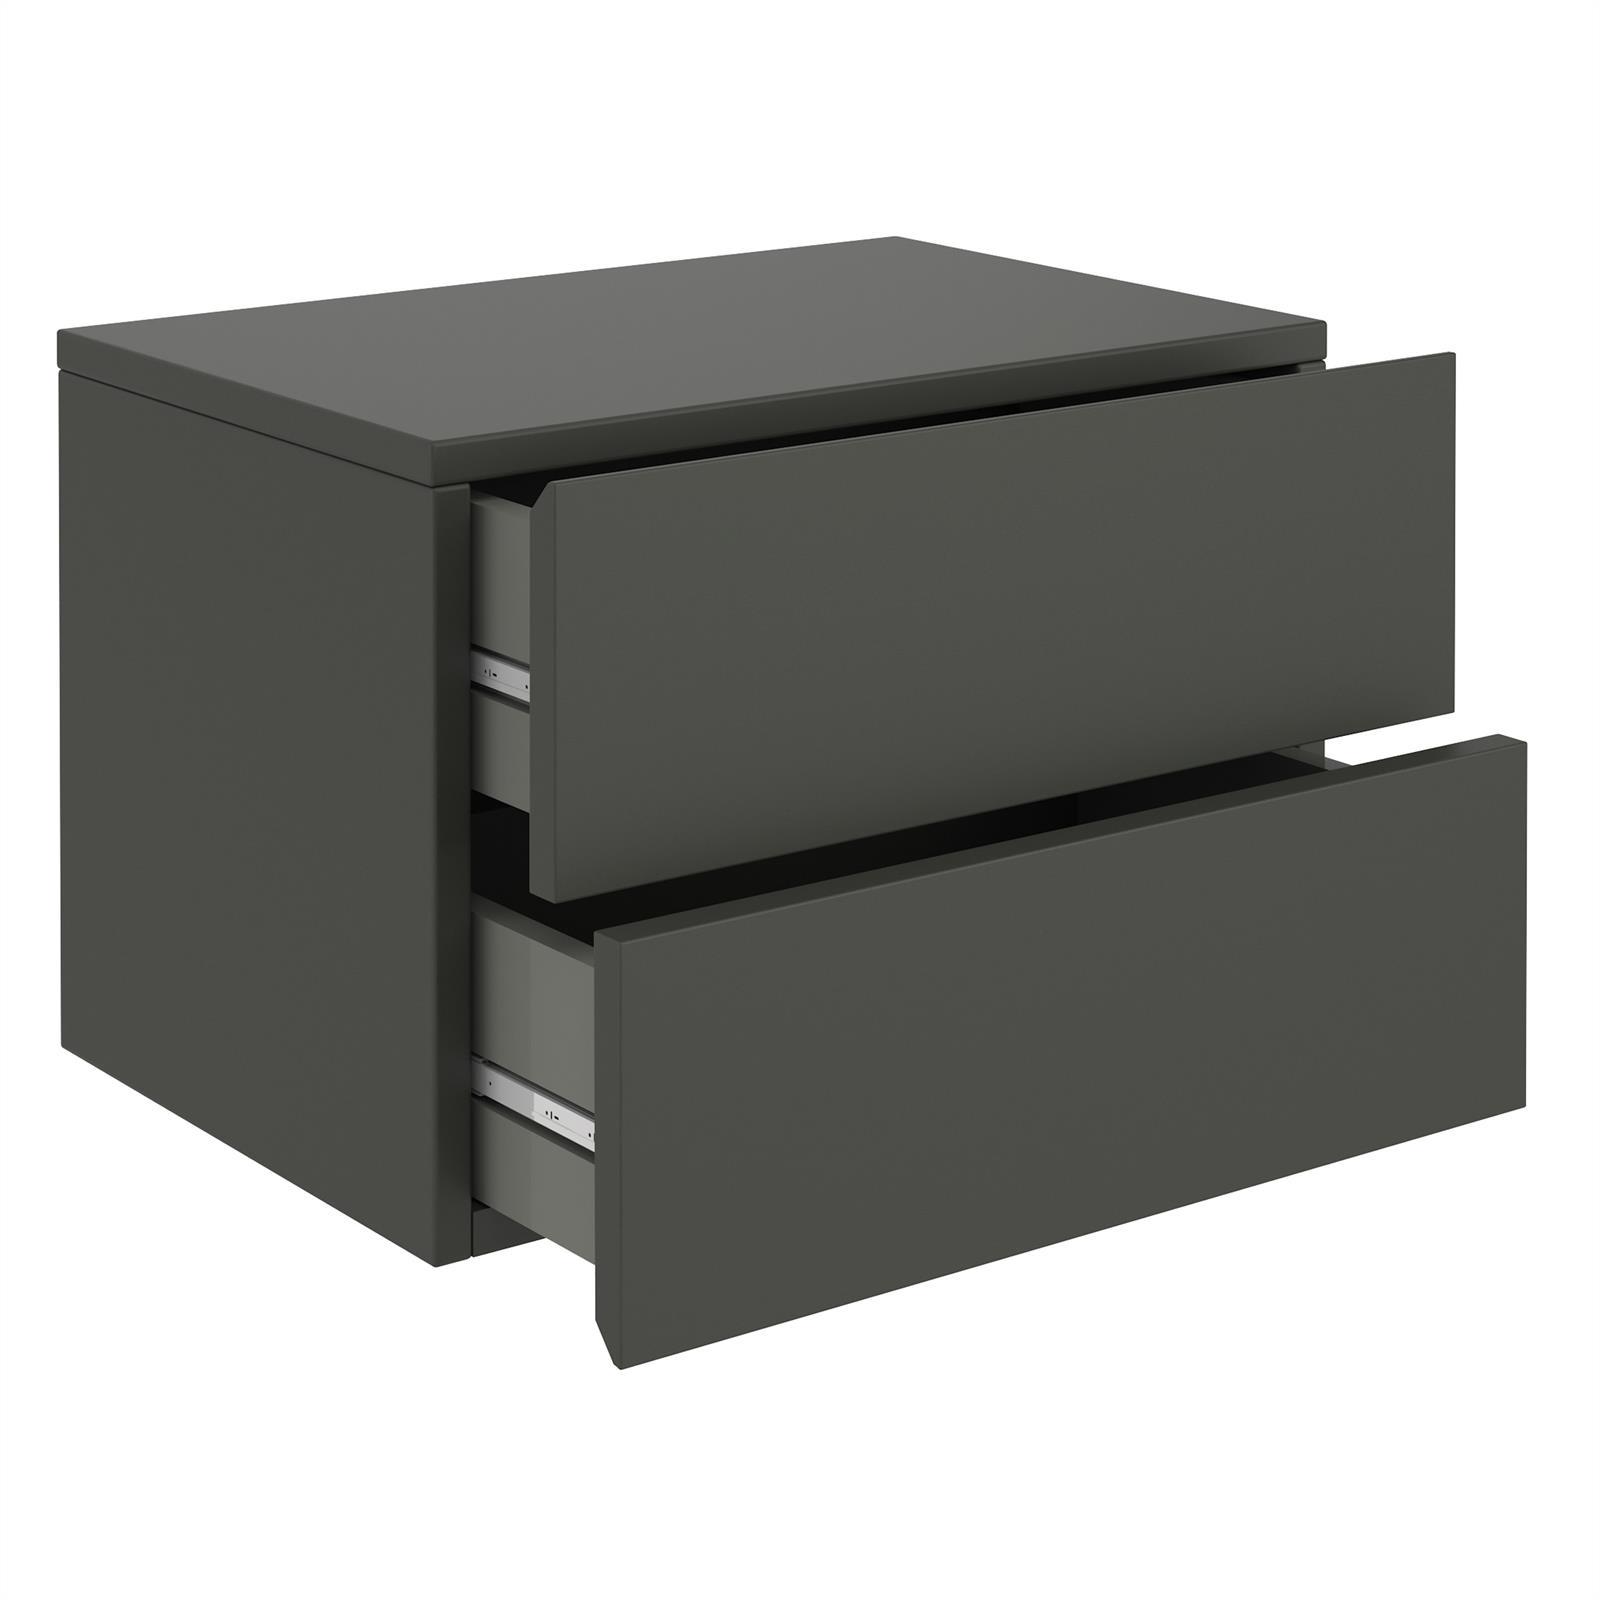 nachtkommode h ngend wandregal wandboard h ngeregal. Black Bedroom Furniture Sets. Home Design Ideas